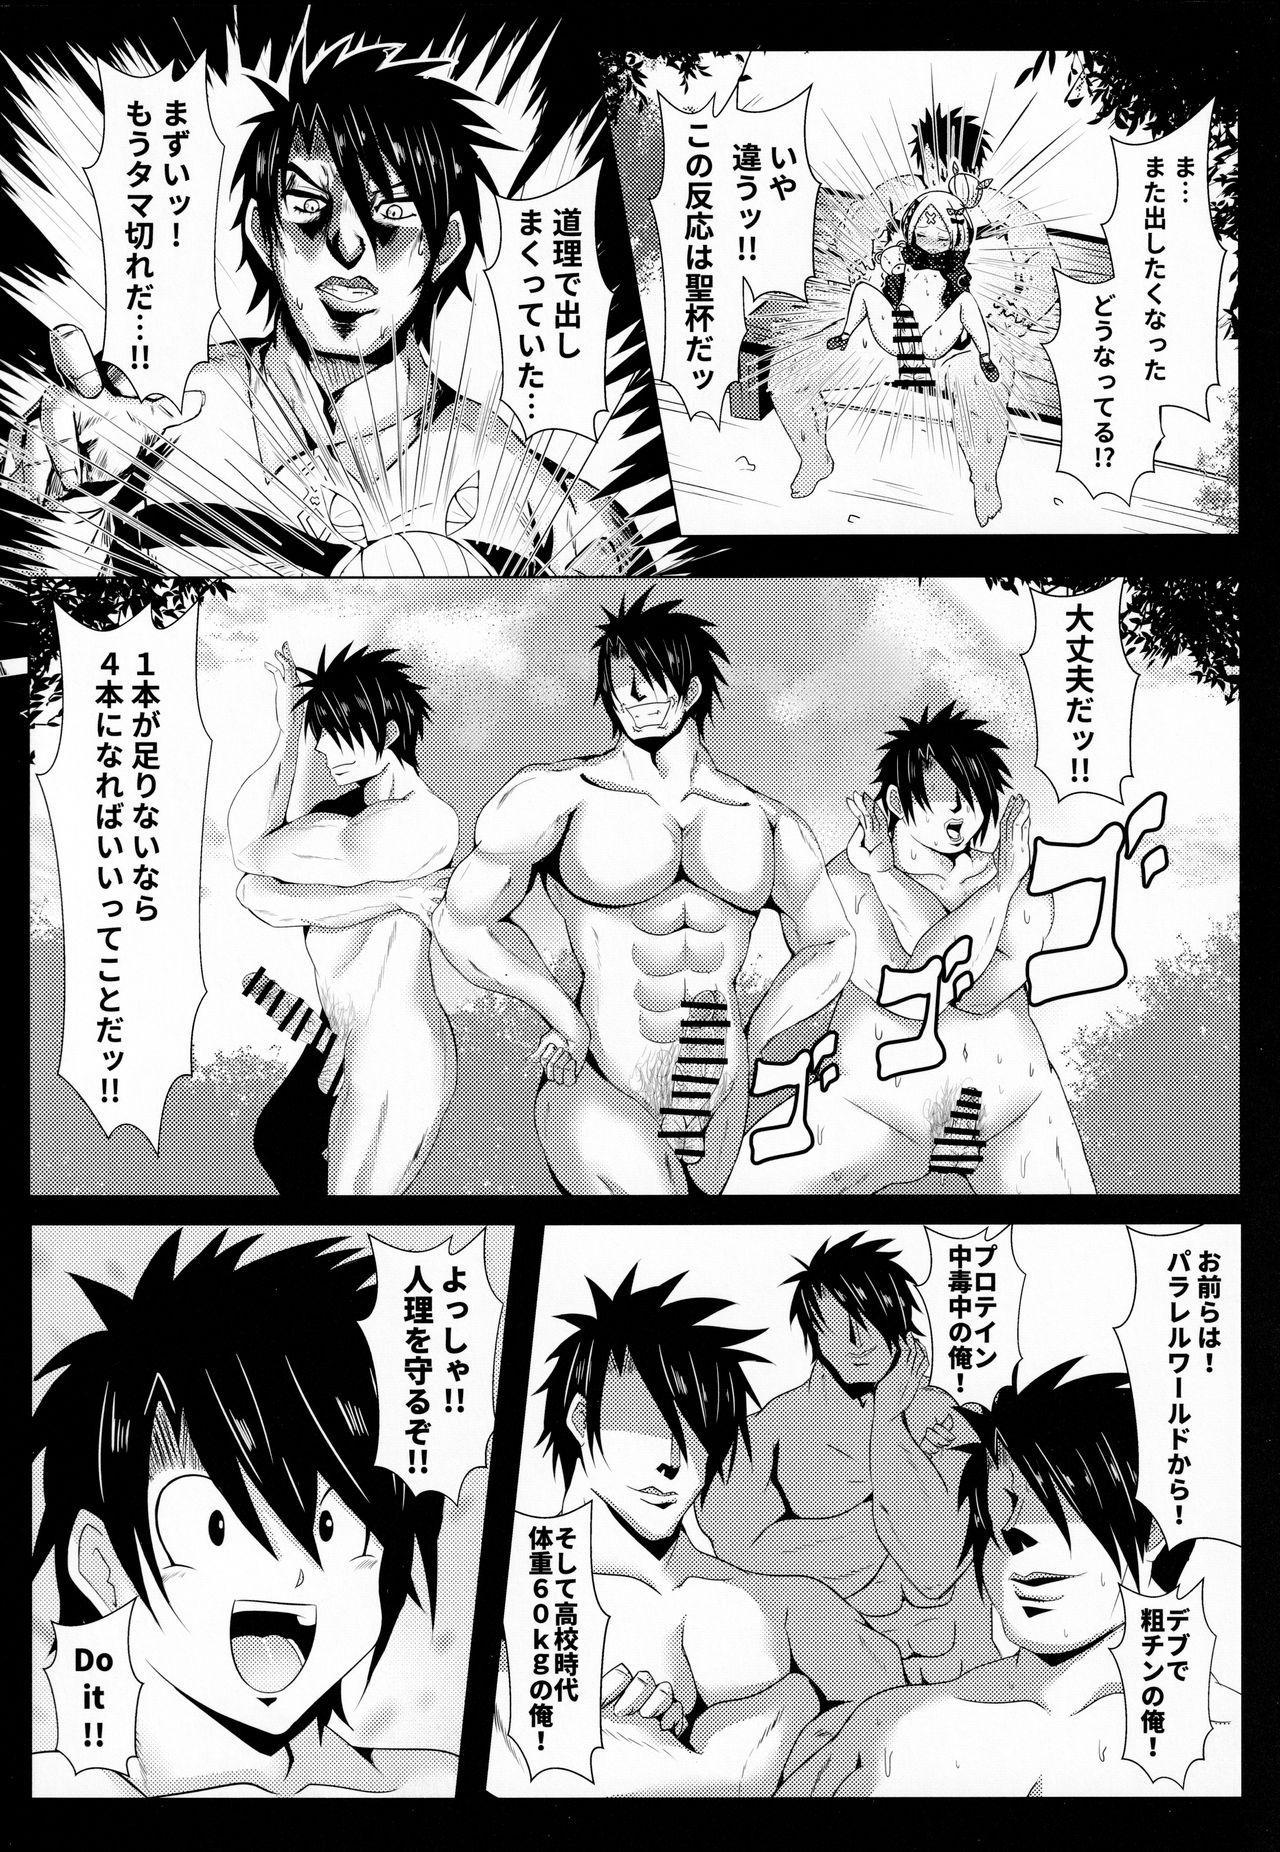 Hyoushi ni Ippai Condom o Kaiteiru kedo Nakami ni wa Condom ga Nai Abigail no Usui Hon 14